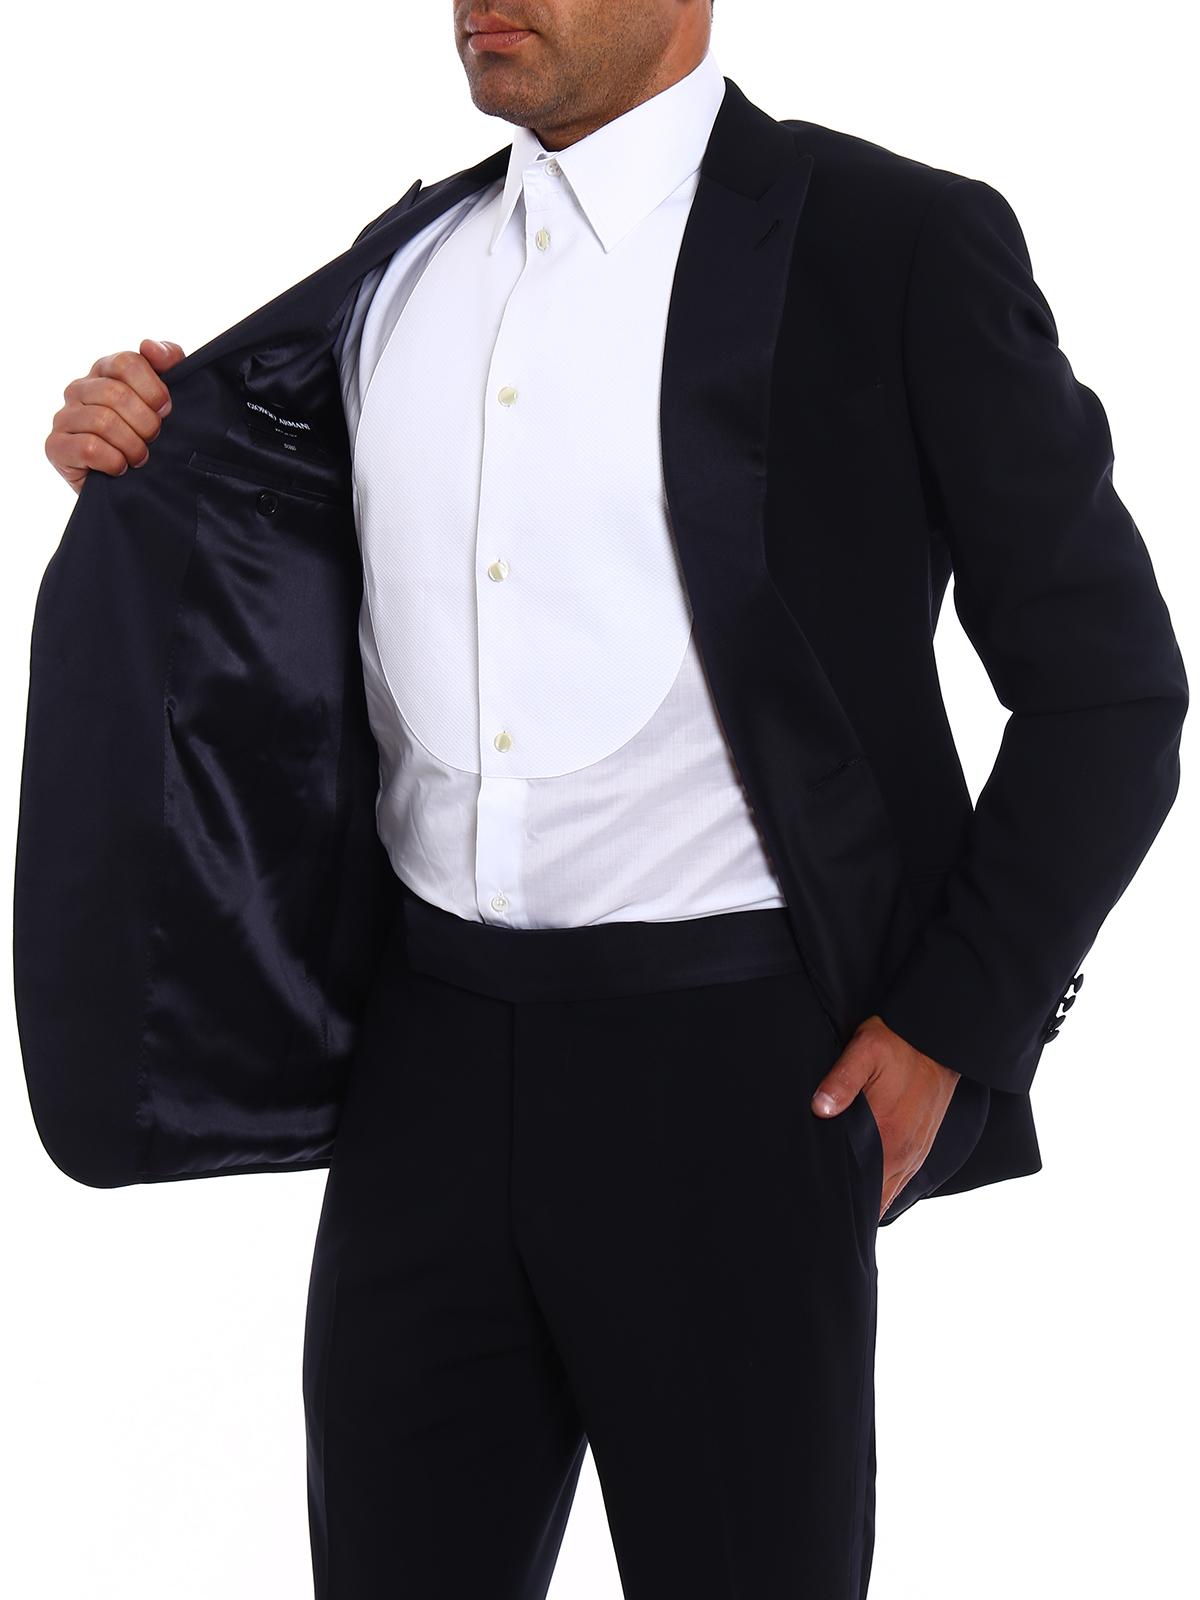 02f8f9191e Giorgio Armani - Esmoquin - Soho - trajes de noche - ZSSH1V0S600922